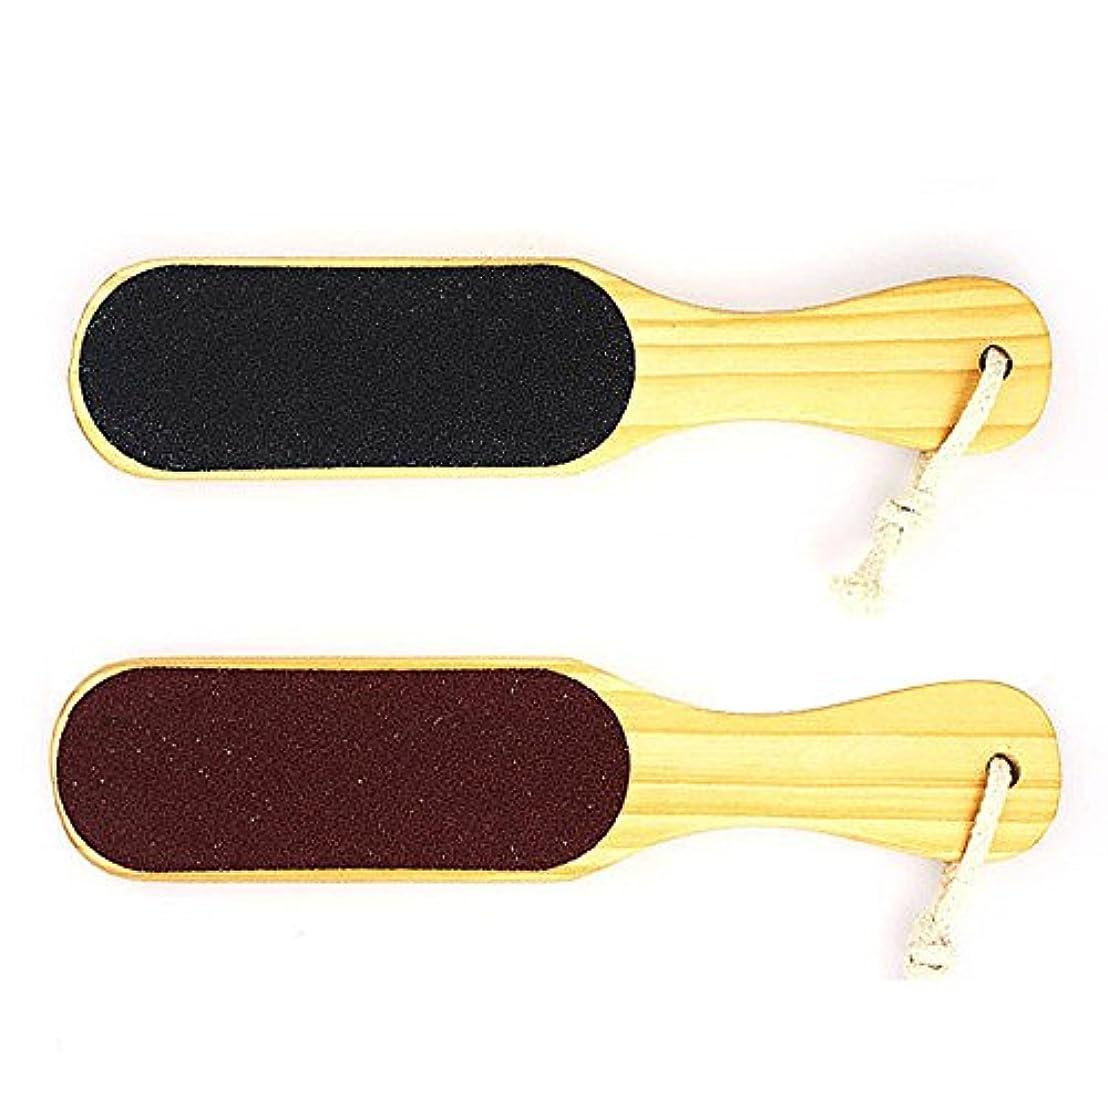 革命的精神巻き戻すFinlon 多機能 ツインヘッド角質取り器 足裏 角質除去 かかと 角質ケア かかとケア 足ケア 両面サンドペーパー かかとやすり フット用品